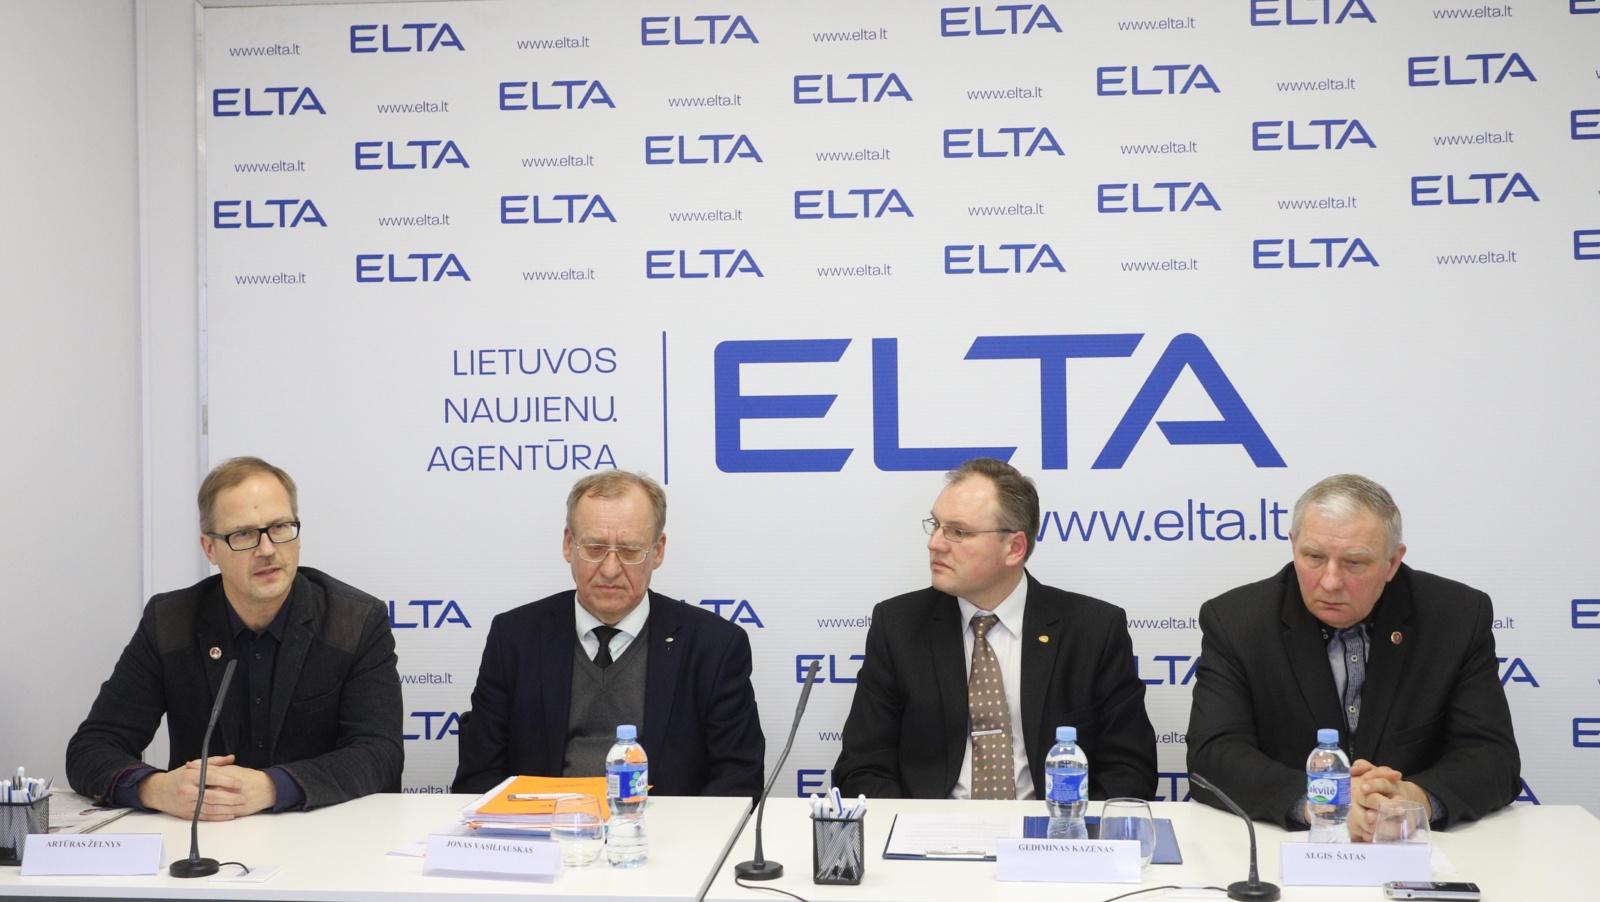 Vilniaus rajono opozicija vienijasi prieš V. Tomaševskį: baiminasi dėl rinkimų skaidrumo